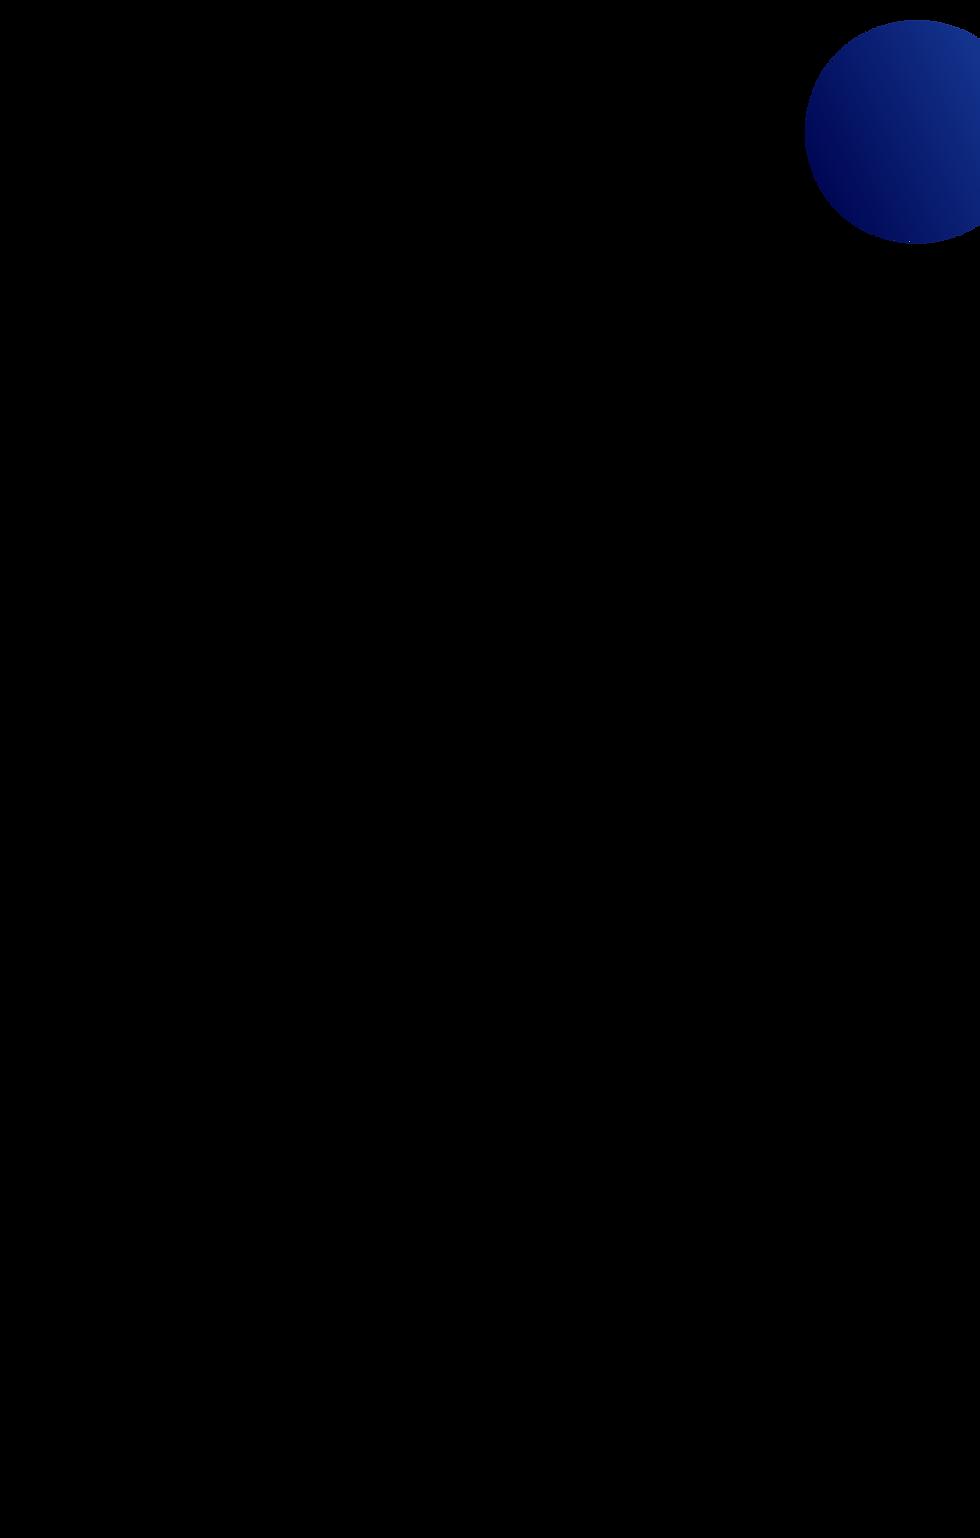 BG-growth-1920x3014.png